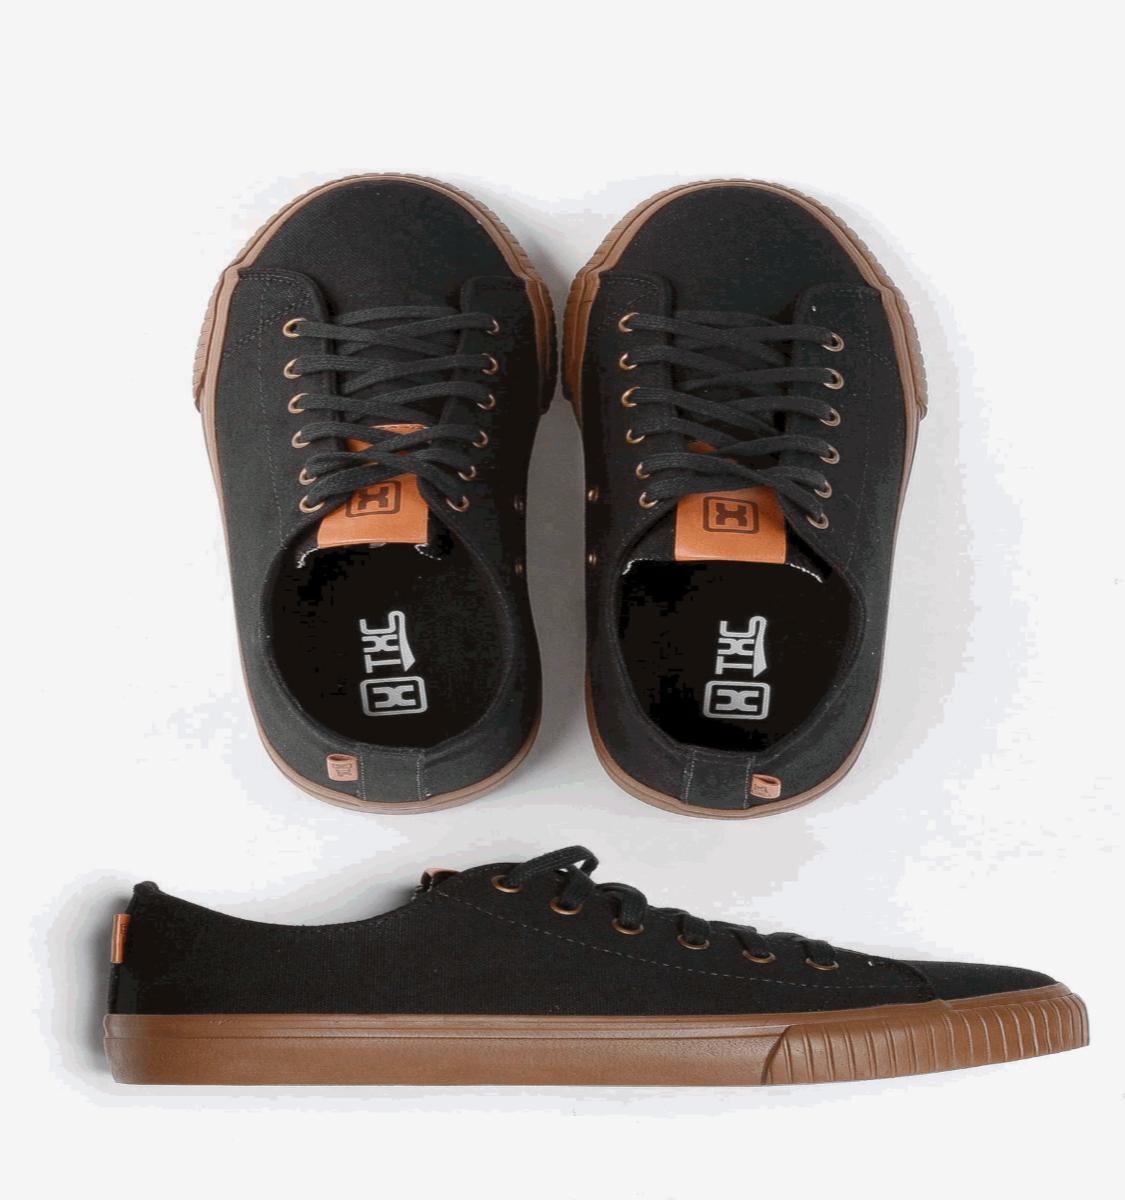 Tênis X-Shoes London Masculino Txc Lona e Borracha Liso - Preto